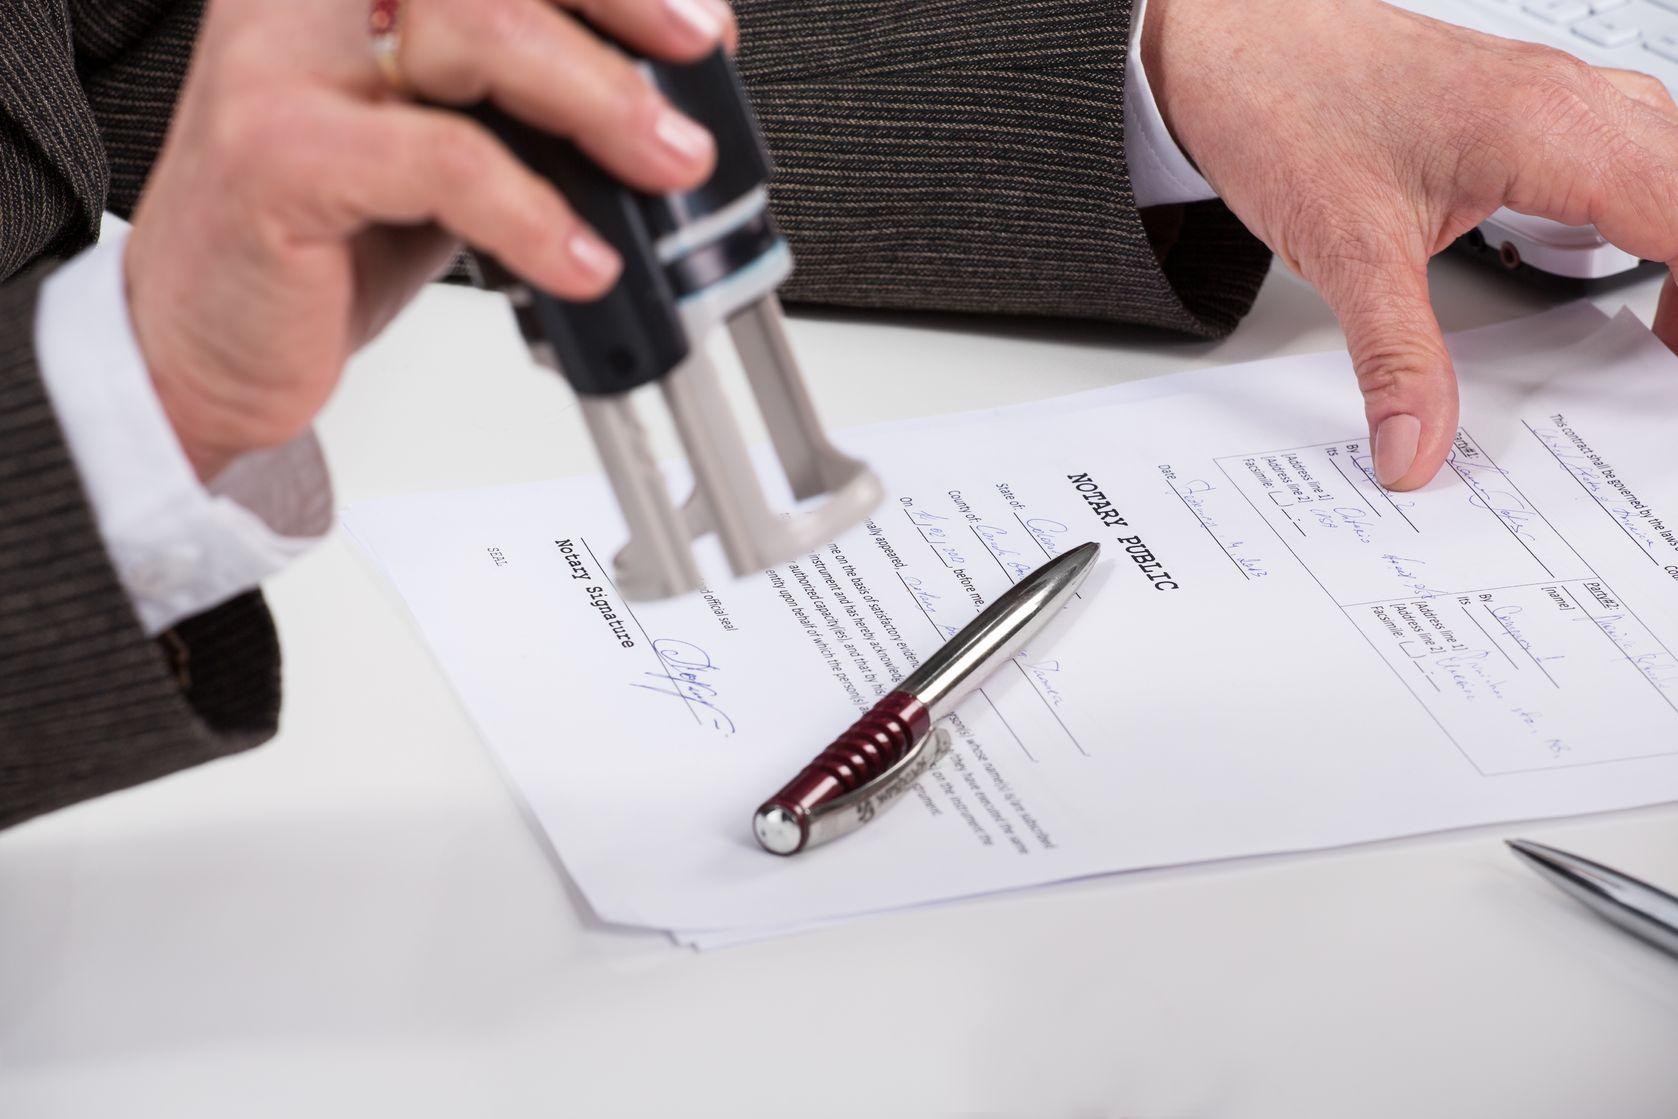 Изготвяне Договор за поръчка, подготовка на договори, адвокат договорно право, международна поръчка, изпълнение на договор за поръчка, адвокатска помощ